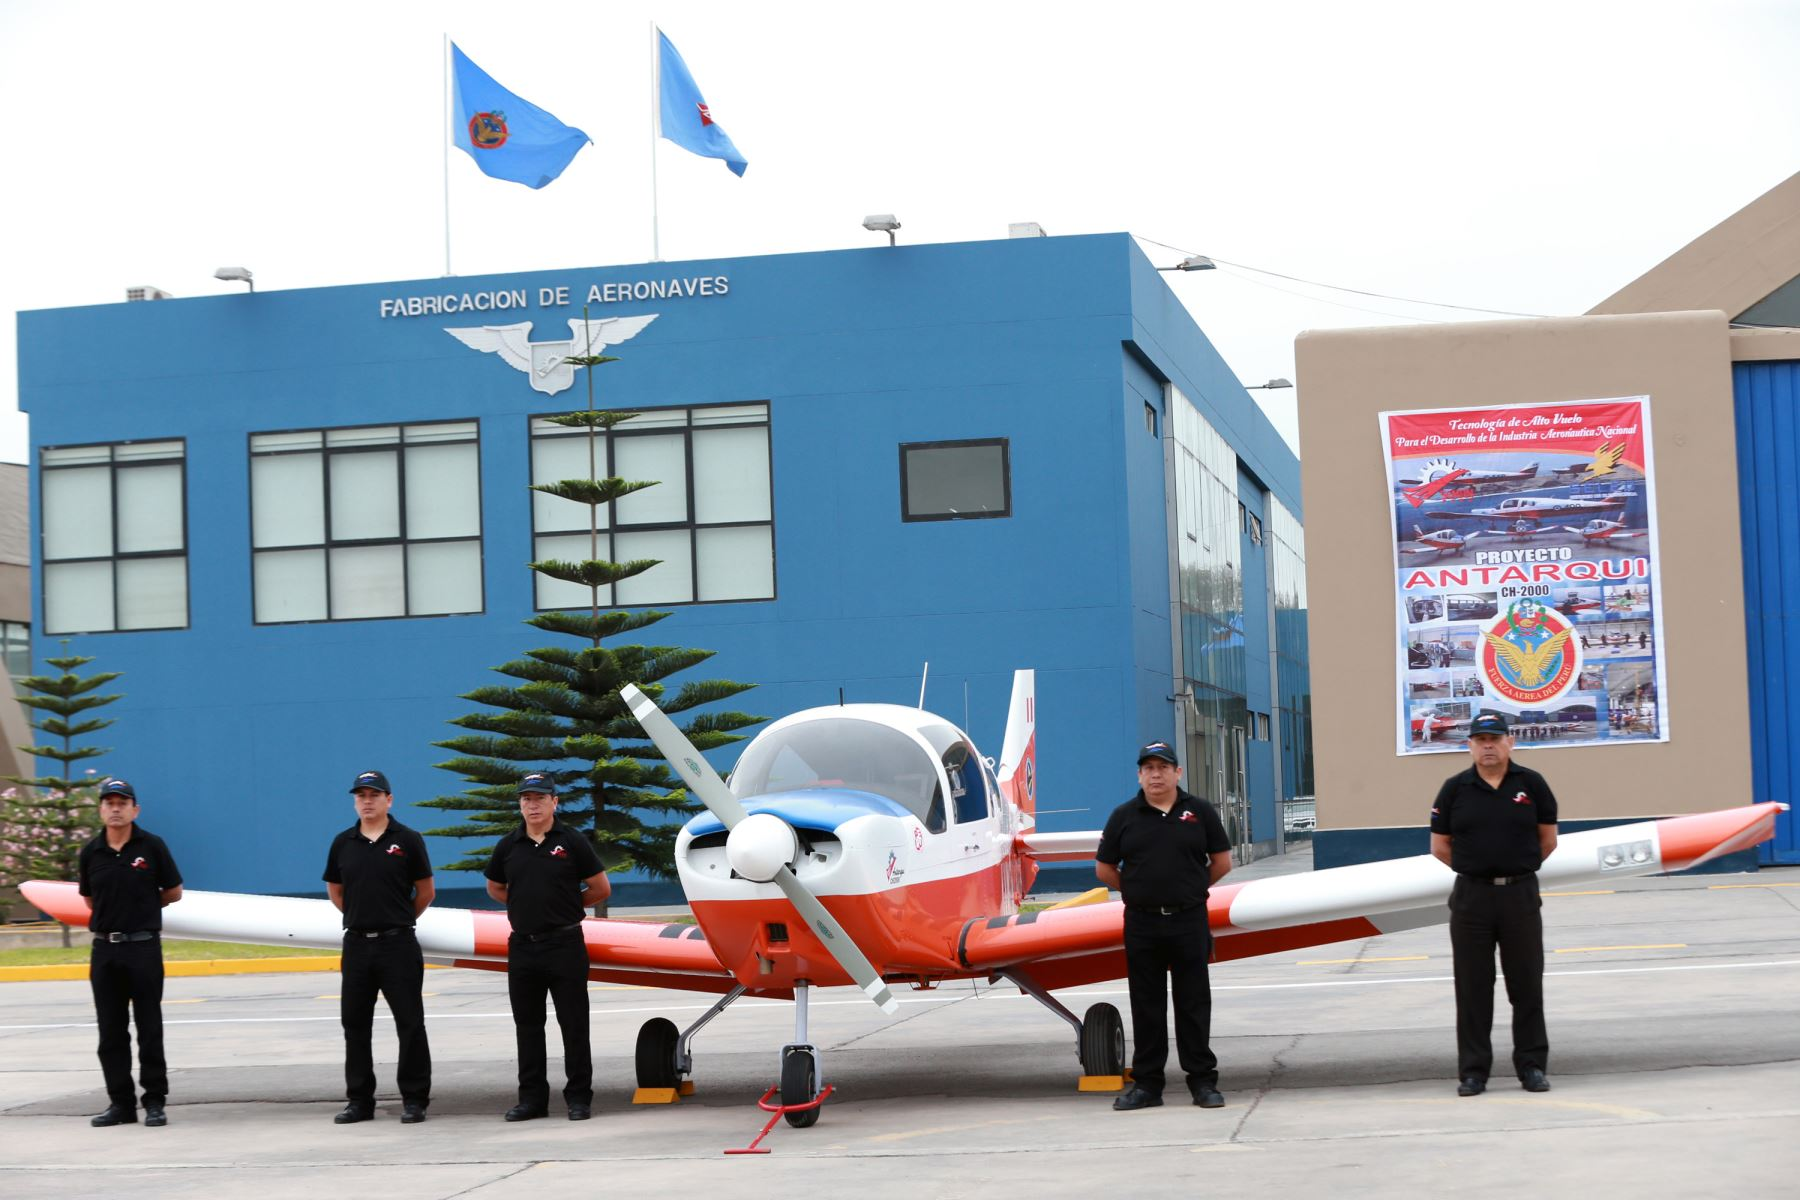 El Comandante General de la Fuerza Aérea del Perú, General del Aire Rodolfo García Esquerre, entrega al Comando de Operaciones los primeros tres aviones Alarus CH-2000 (de procedencia canadiense) .Foto: ANDINA/Norman Córdova